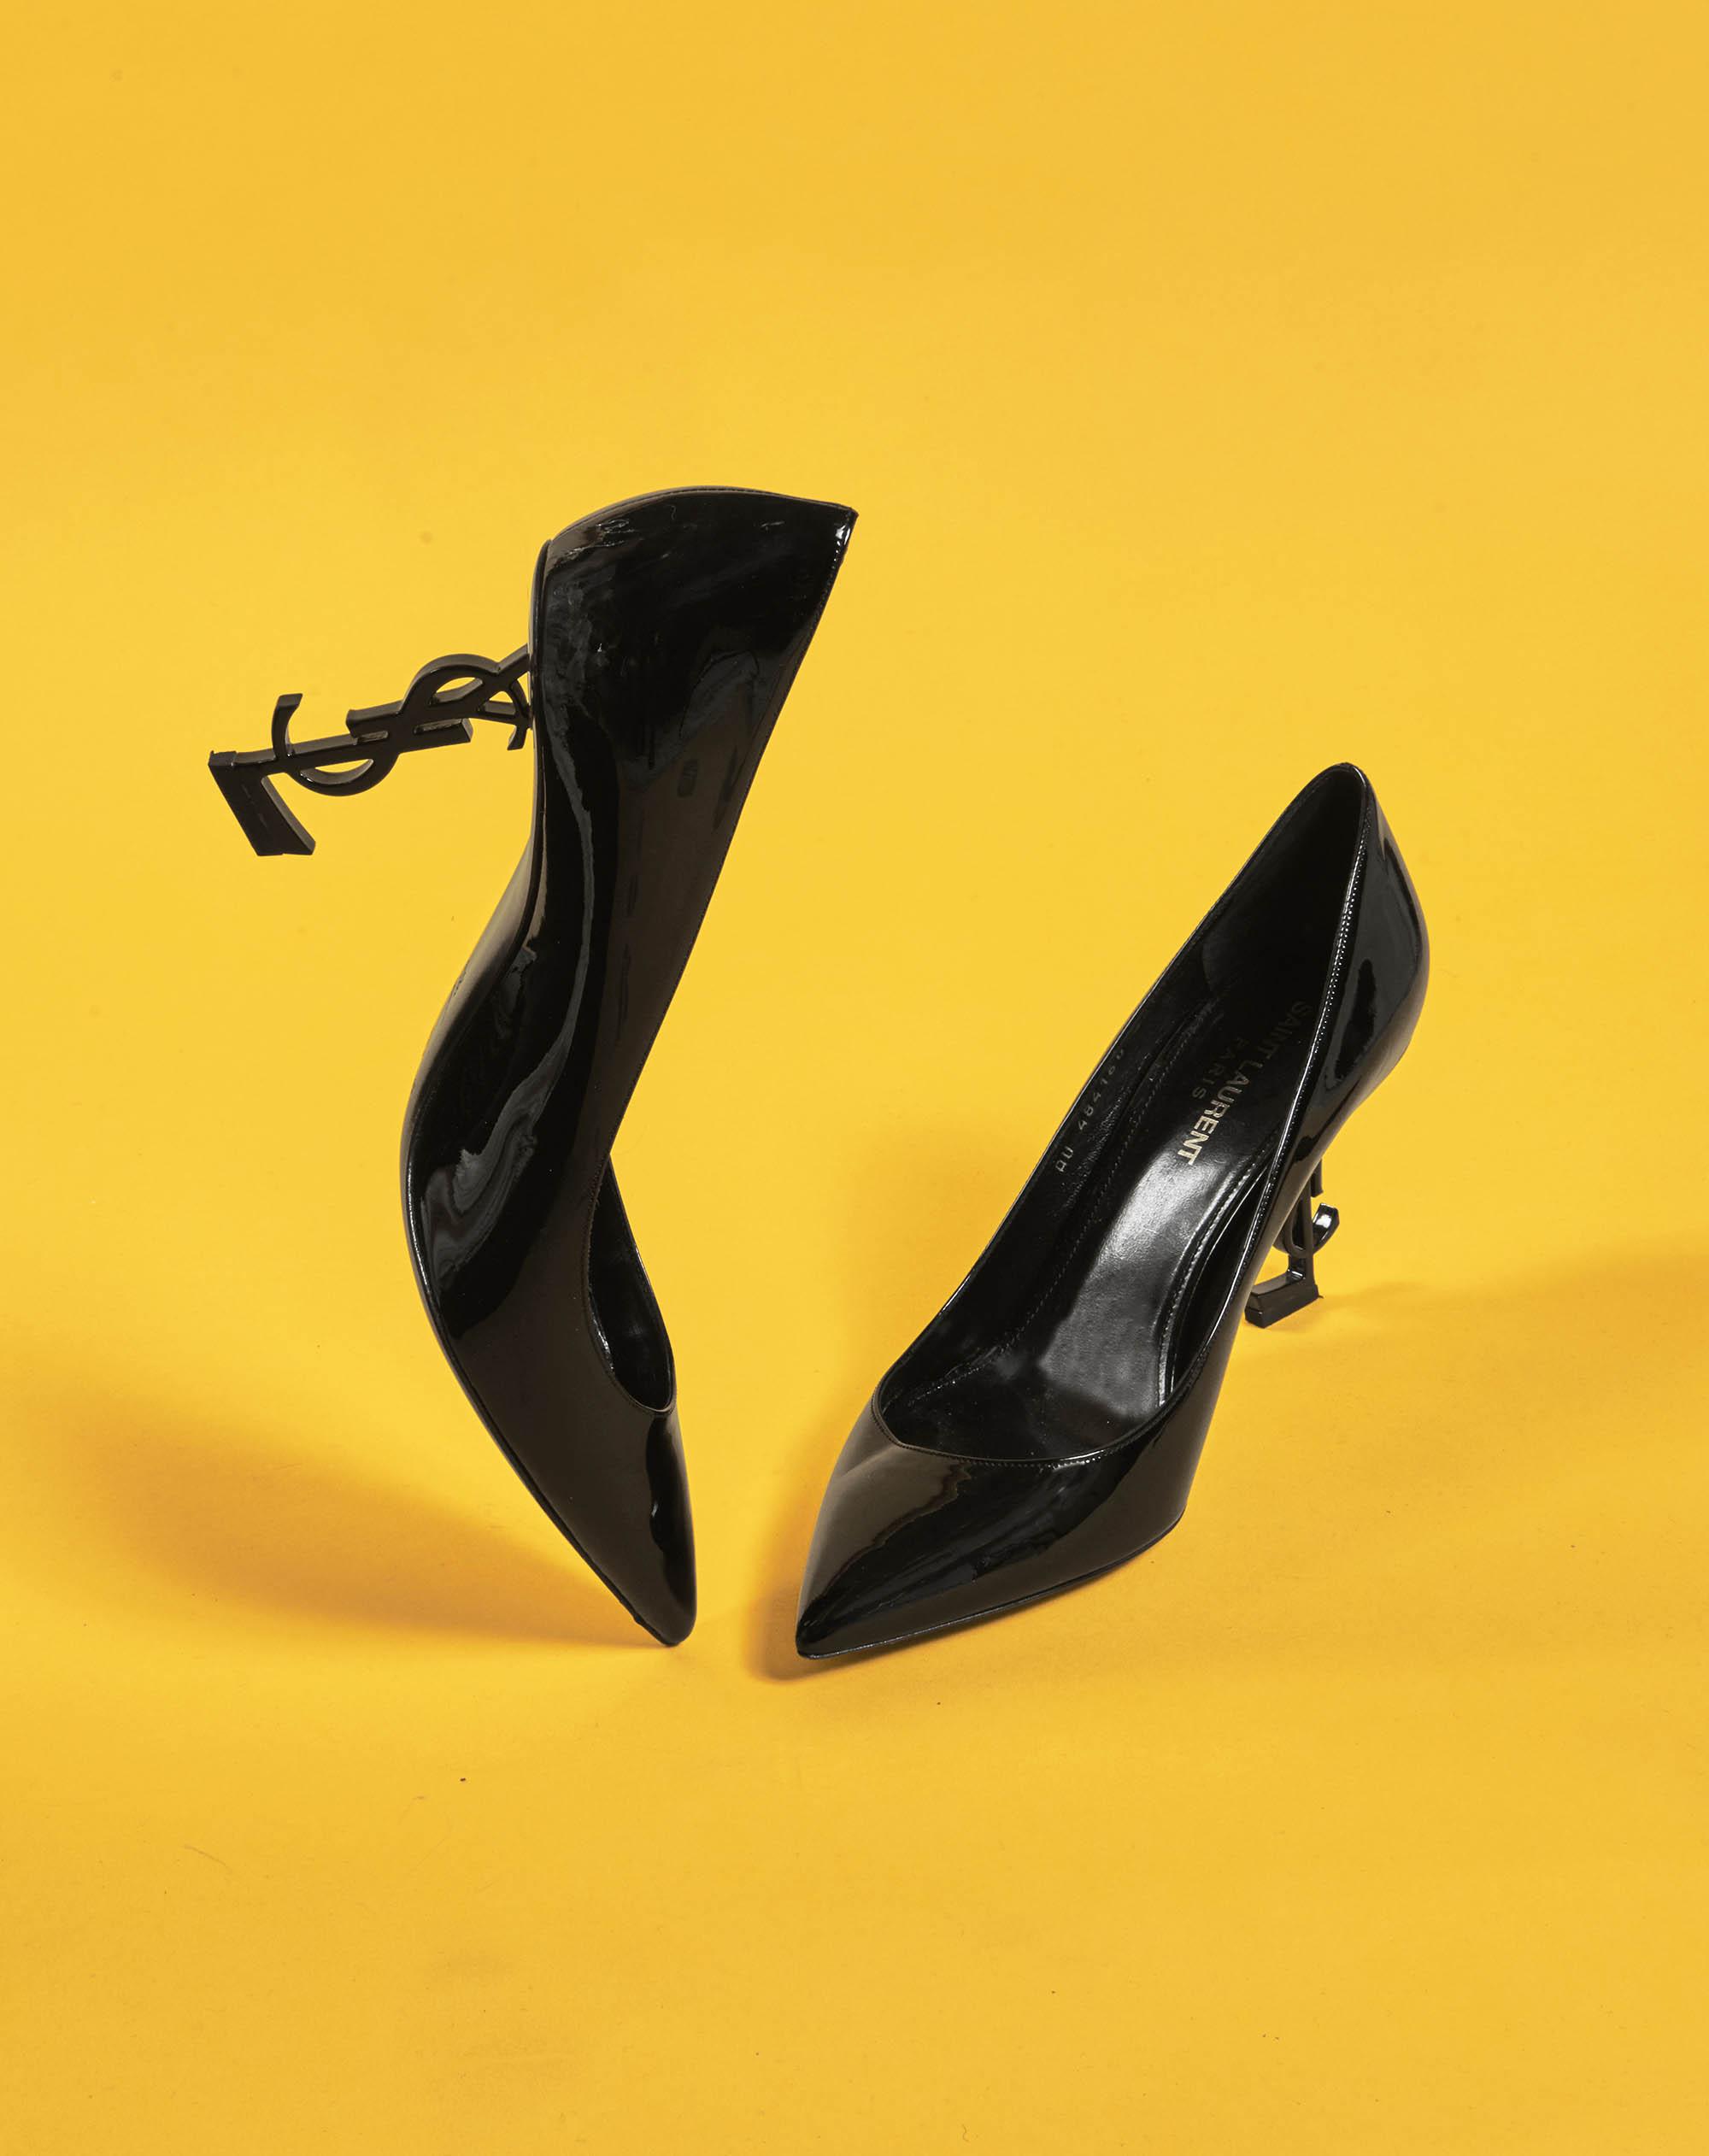 vente chausssures catherine deneuve